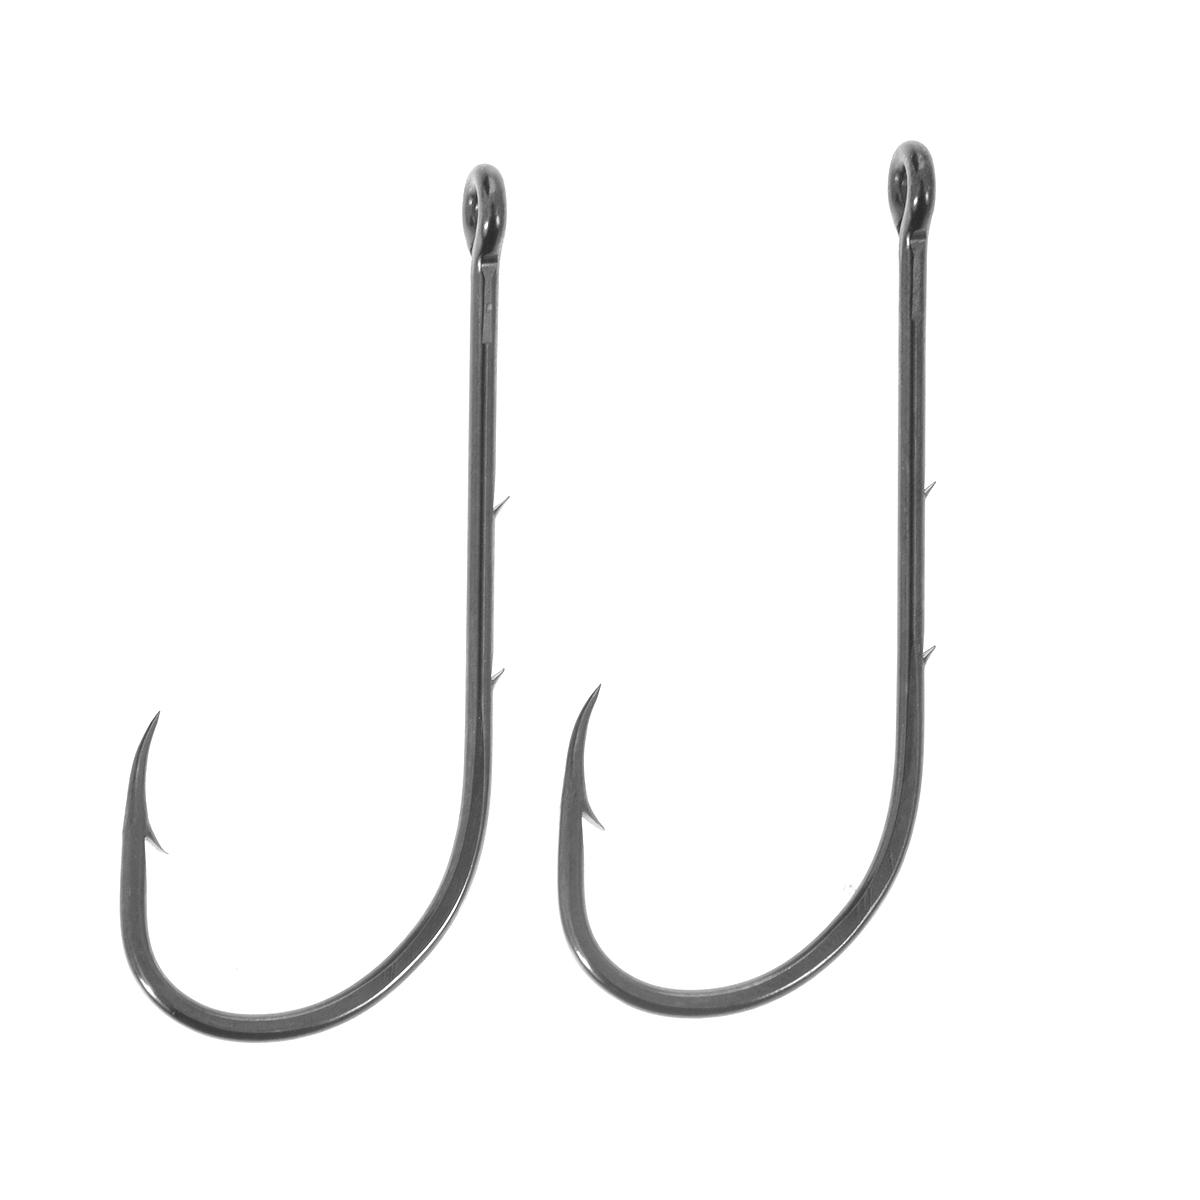 Крючки рыболовные Cobra Baitholder, цвет: черный, размер 10/0, 2 штА2017/2Классическая форма крупных крючков Cobra Baitholder c круглым загибом и отогнутым в сторону цевья жалом. Рекомендуется для ловли самой крупной трофейной рыбы. Благодаря двум дополнительным бородкам на цевье, прочно удерживают любую насадку.